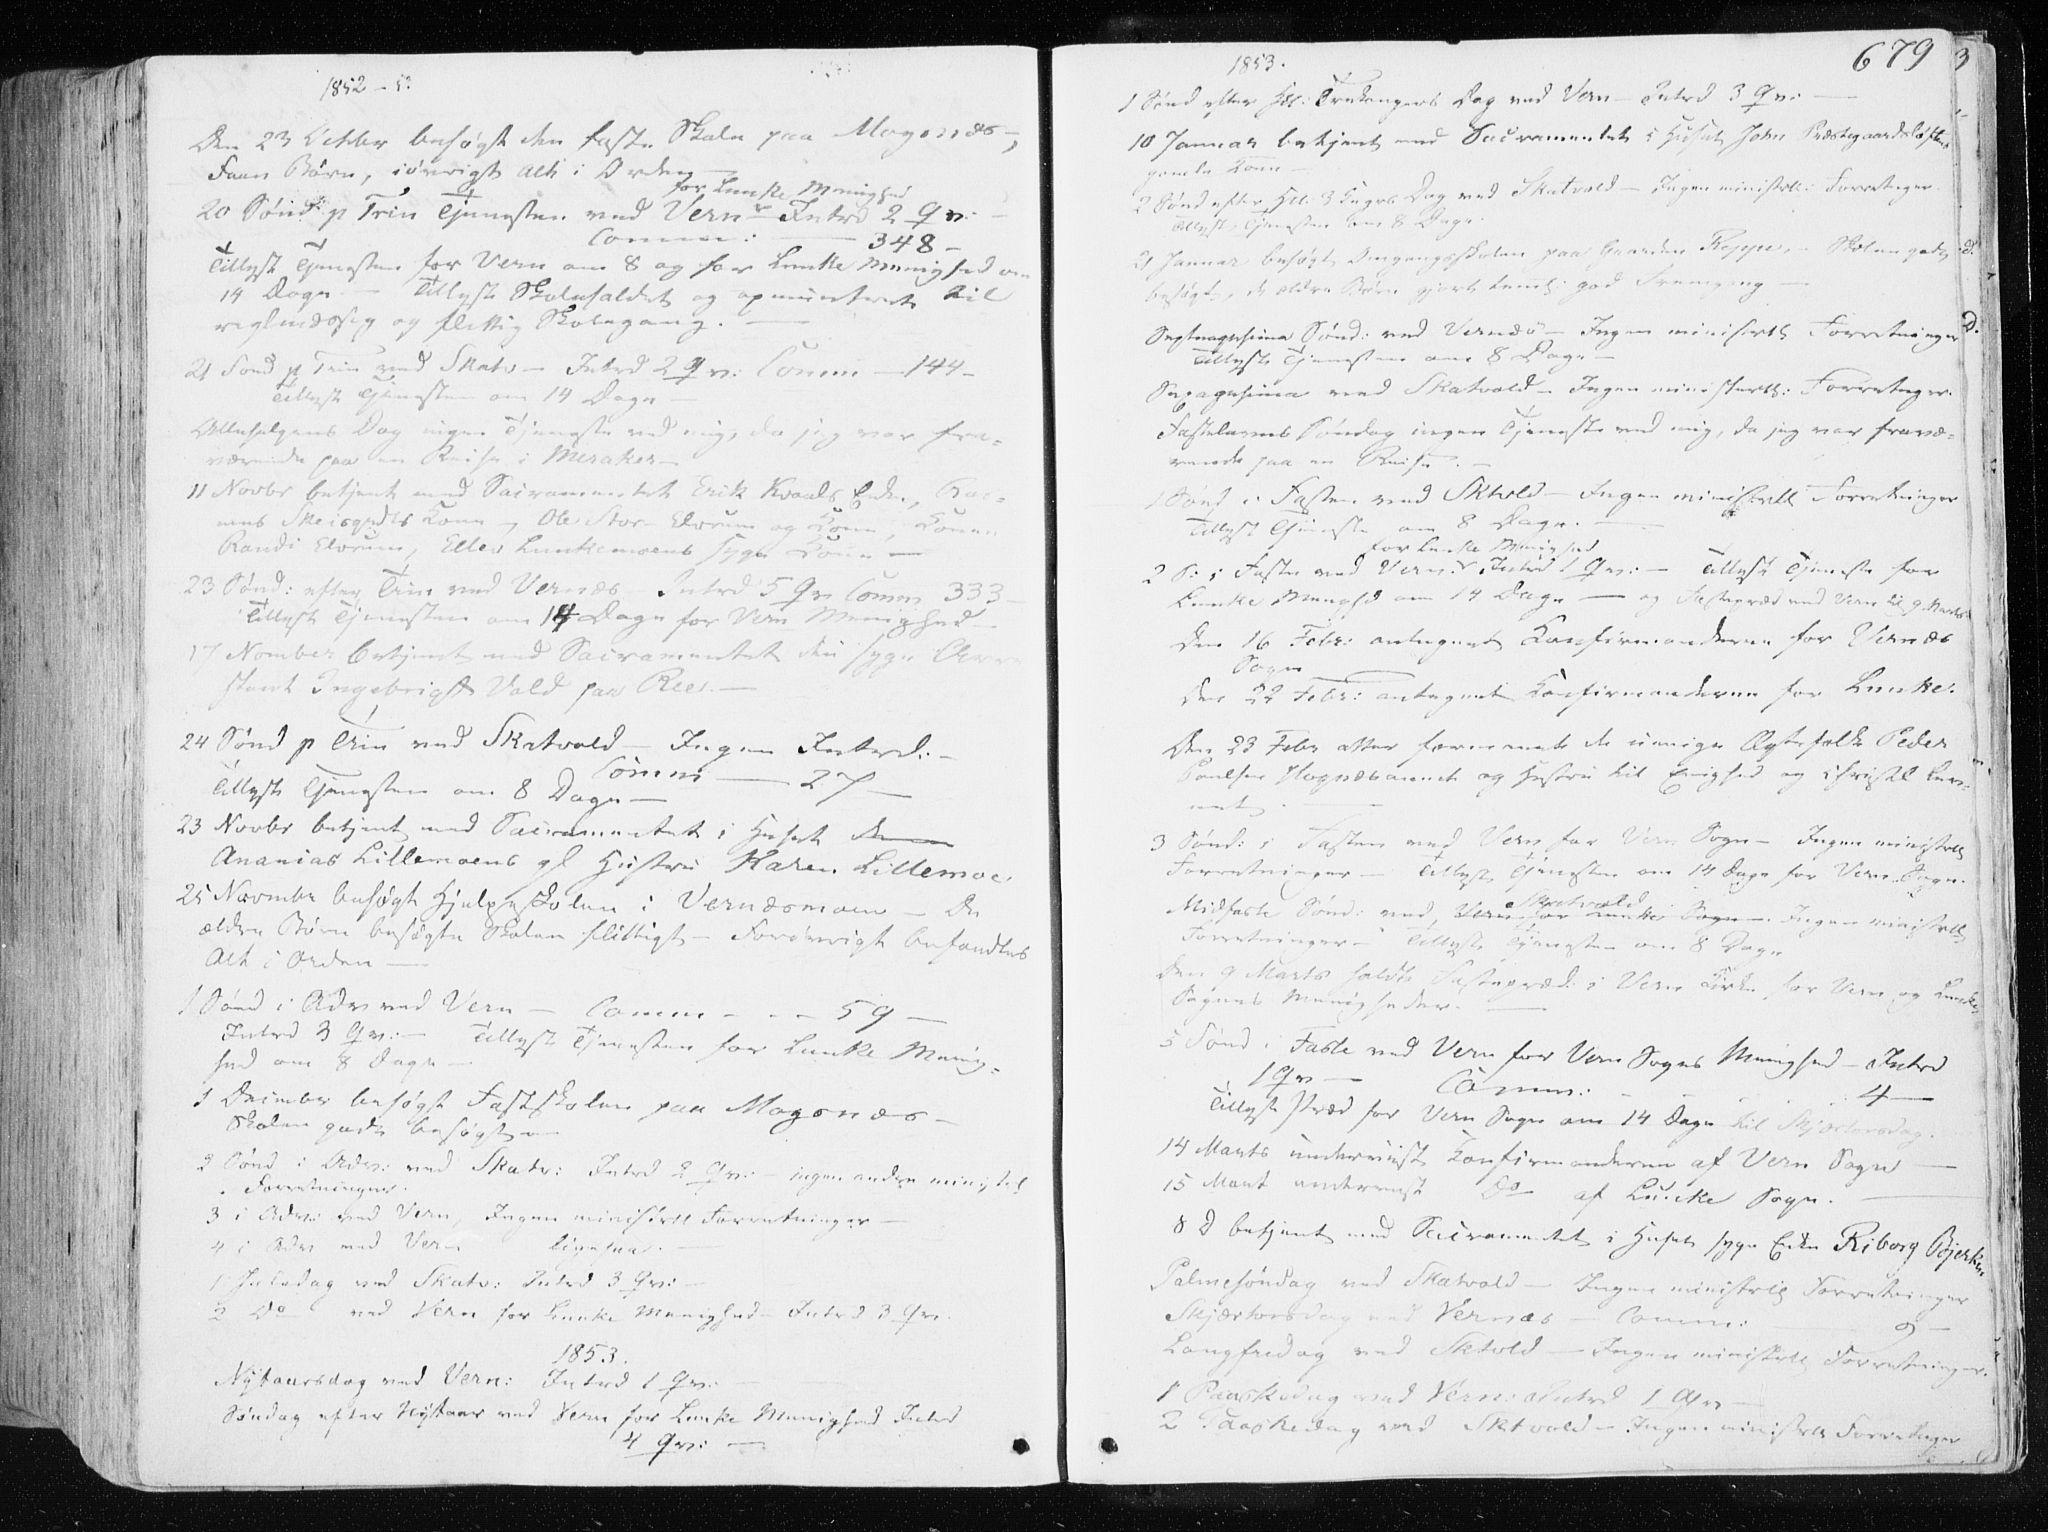 SAT, Ministerialprotokoller, klokkerbøker og fødselsregistre - Nord-Trøndelag, 709/L0074: Ministerialbok nr. 709A14, 1845-1858, s. 679